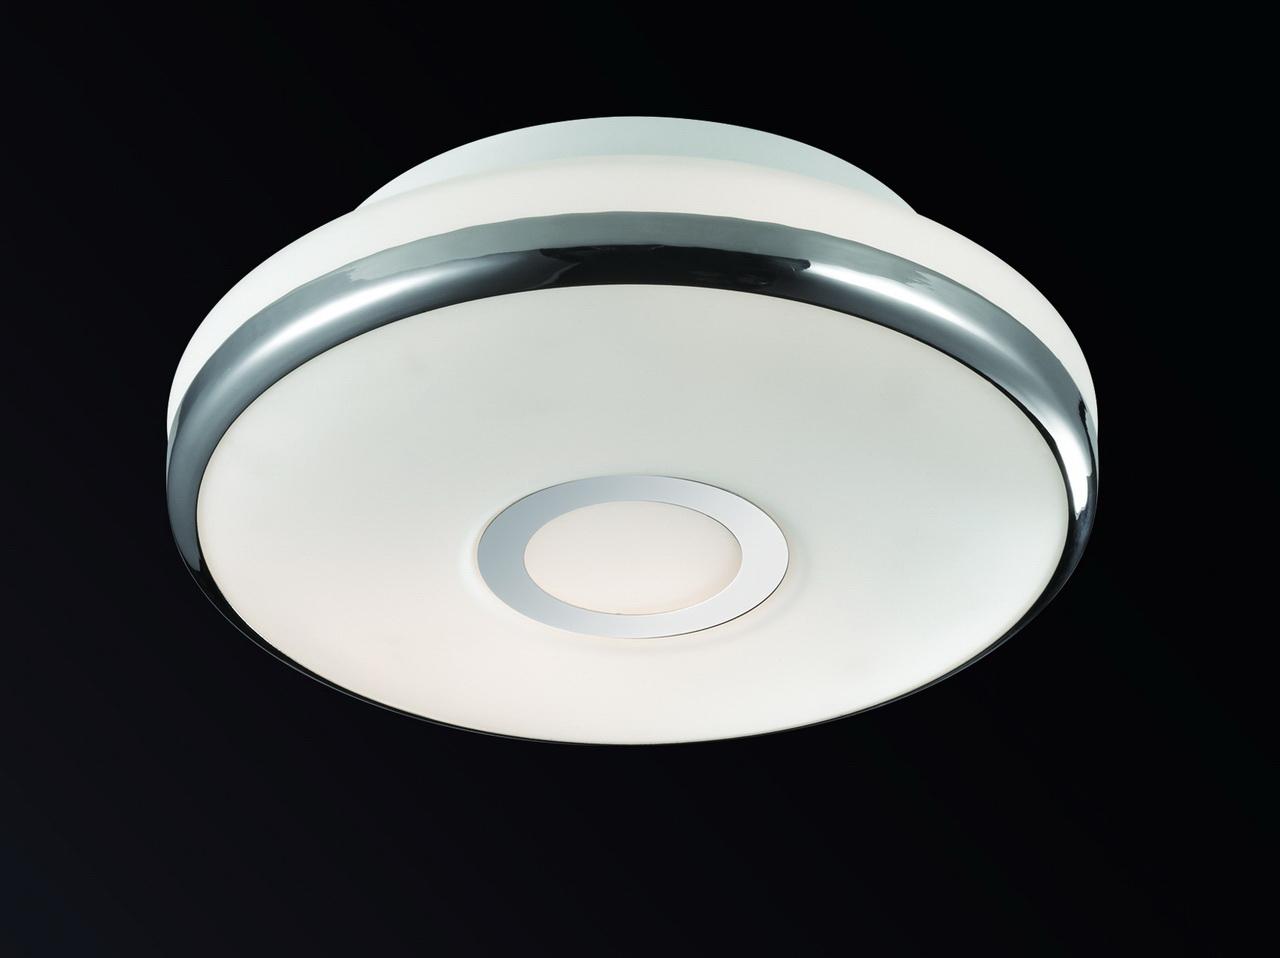 лучшая цена Потолочный светильник Odeon Light 2401/1C, белый